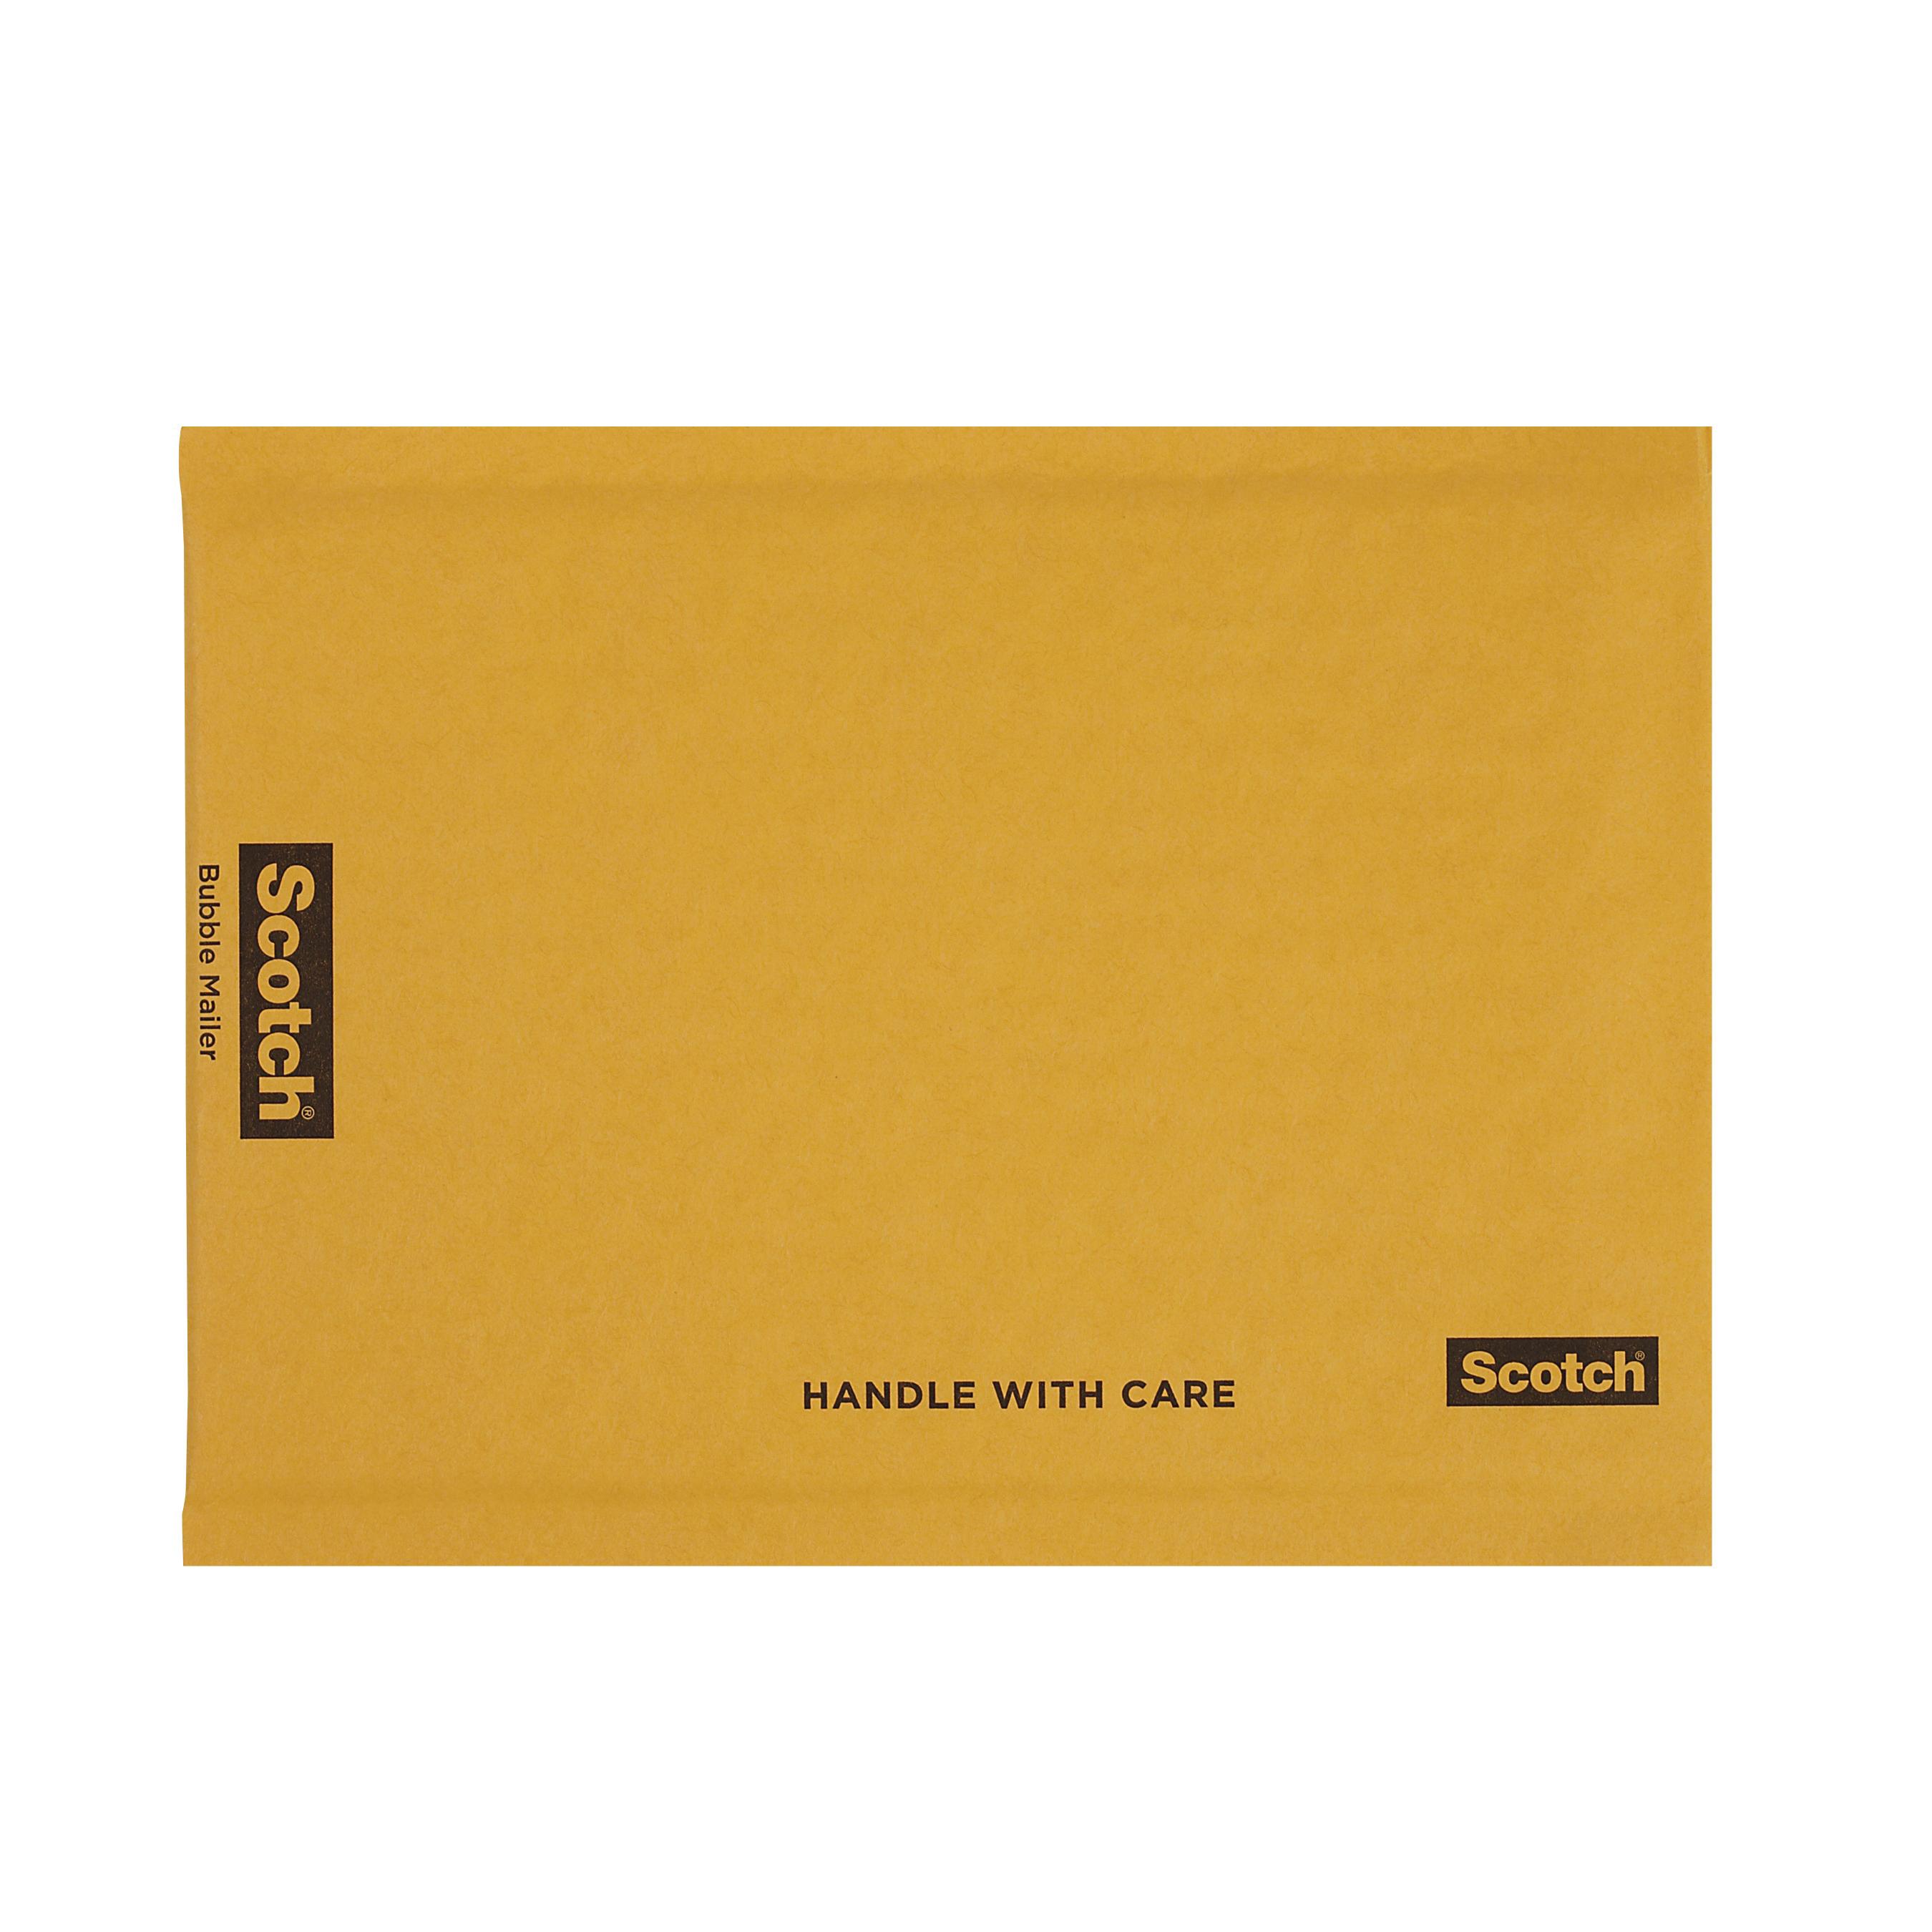 Scotch® 051131-60552 7913 Lightweight Bubble Mailer, 9 in L x 6 in W, Paper, Kraft, Self-Sealing Closure